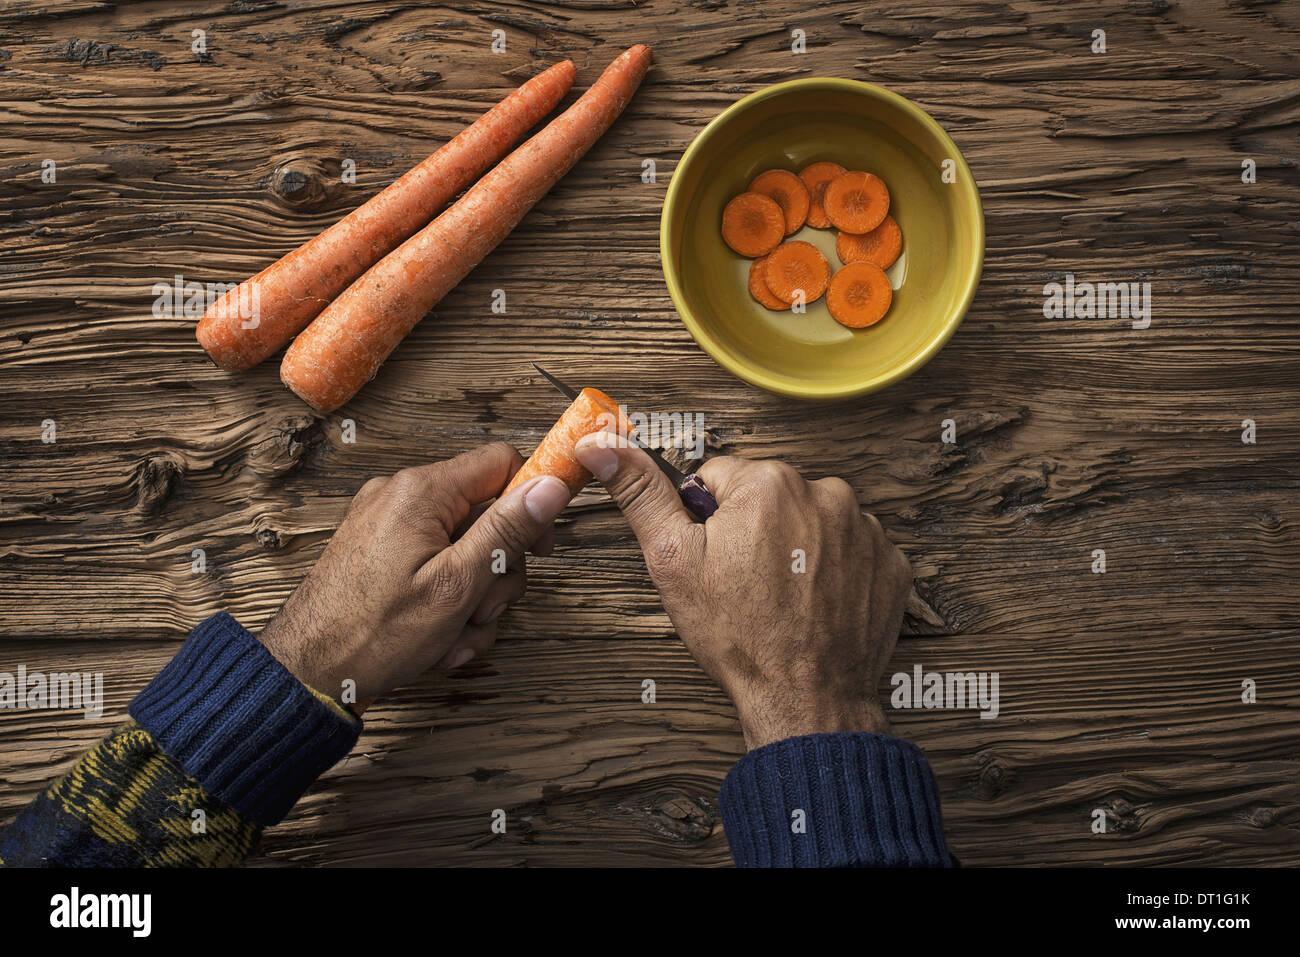 Eine Person hält und frische Karotten in eine Schüssel schneiden Stockbild